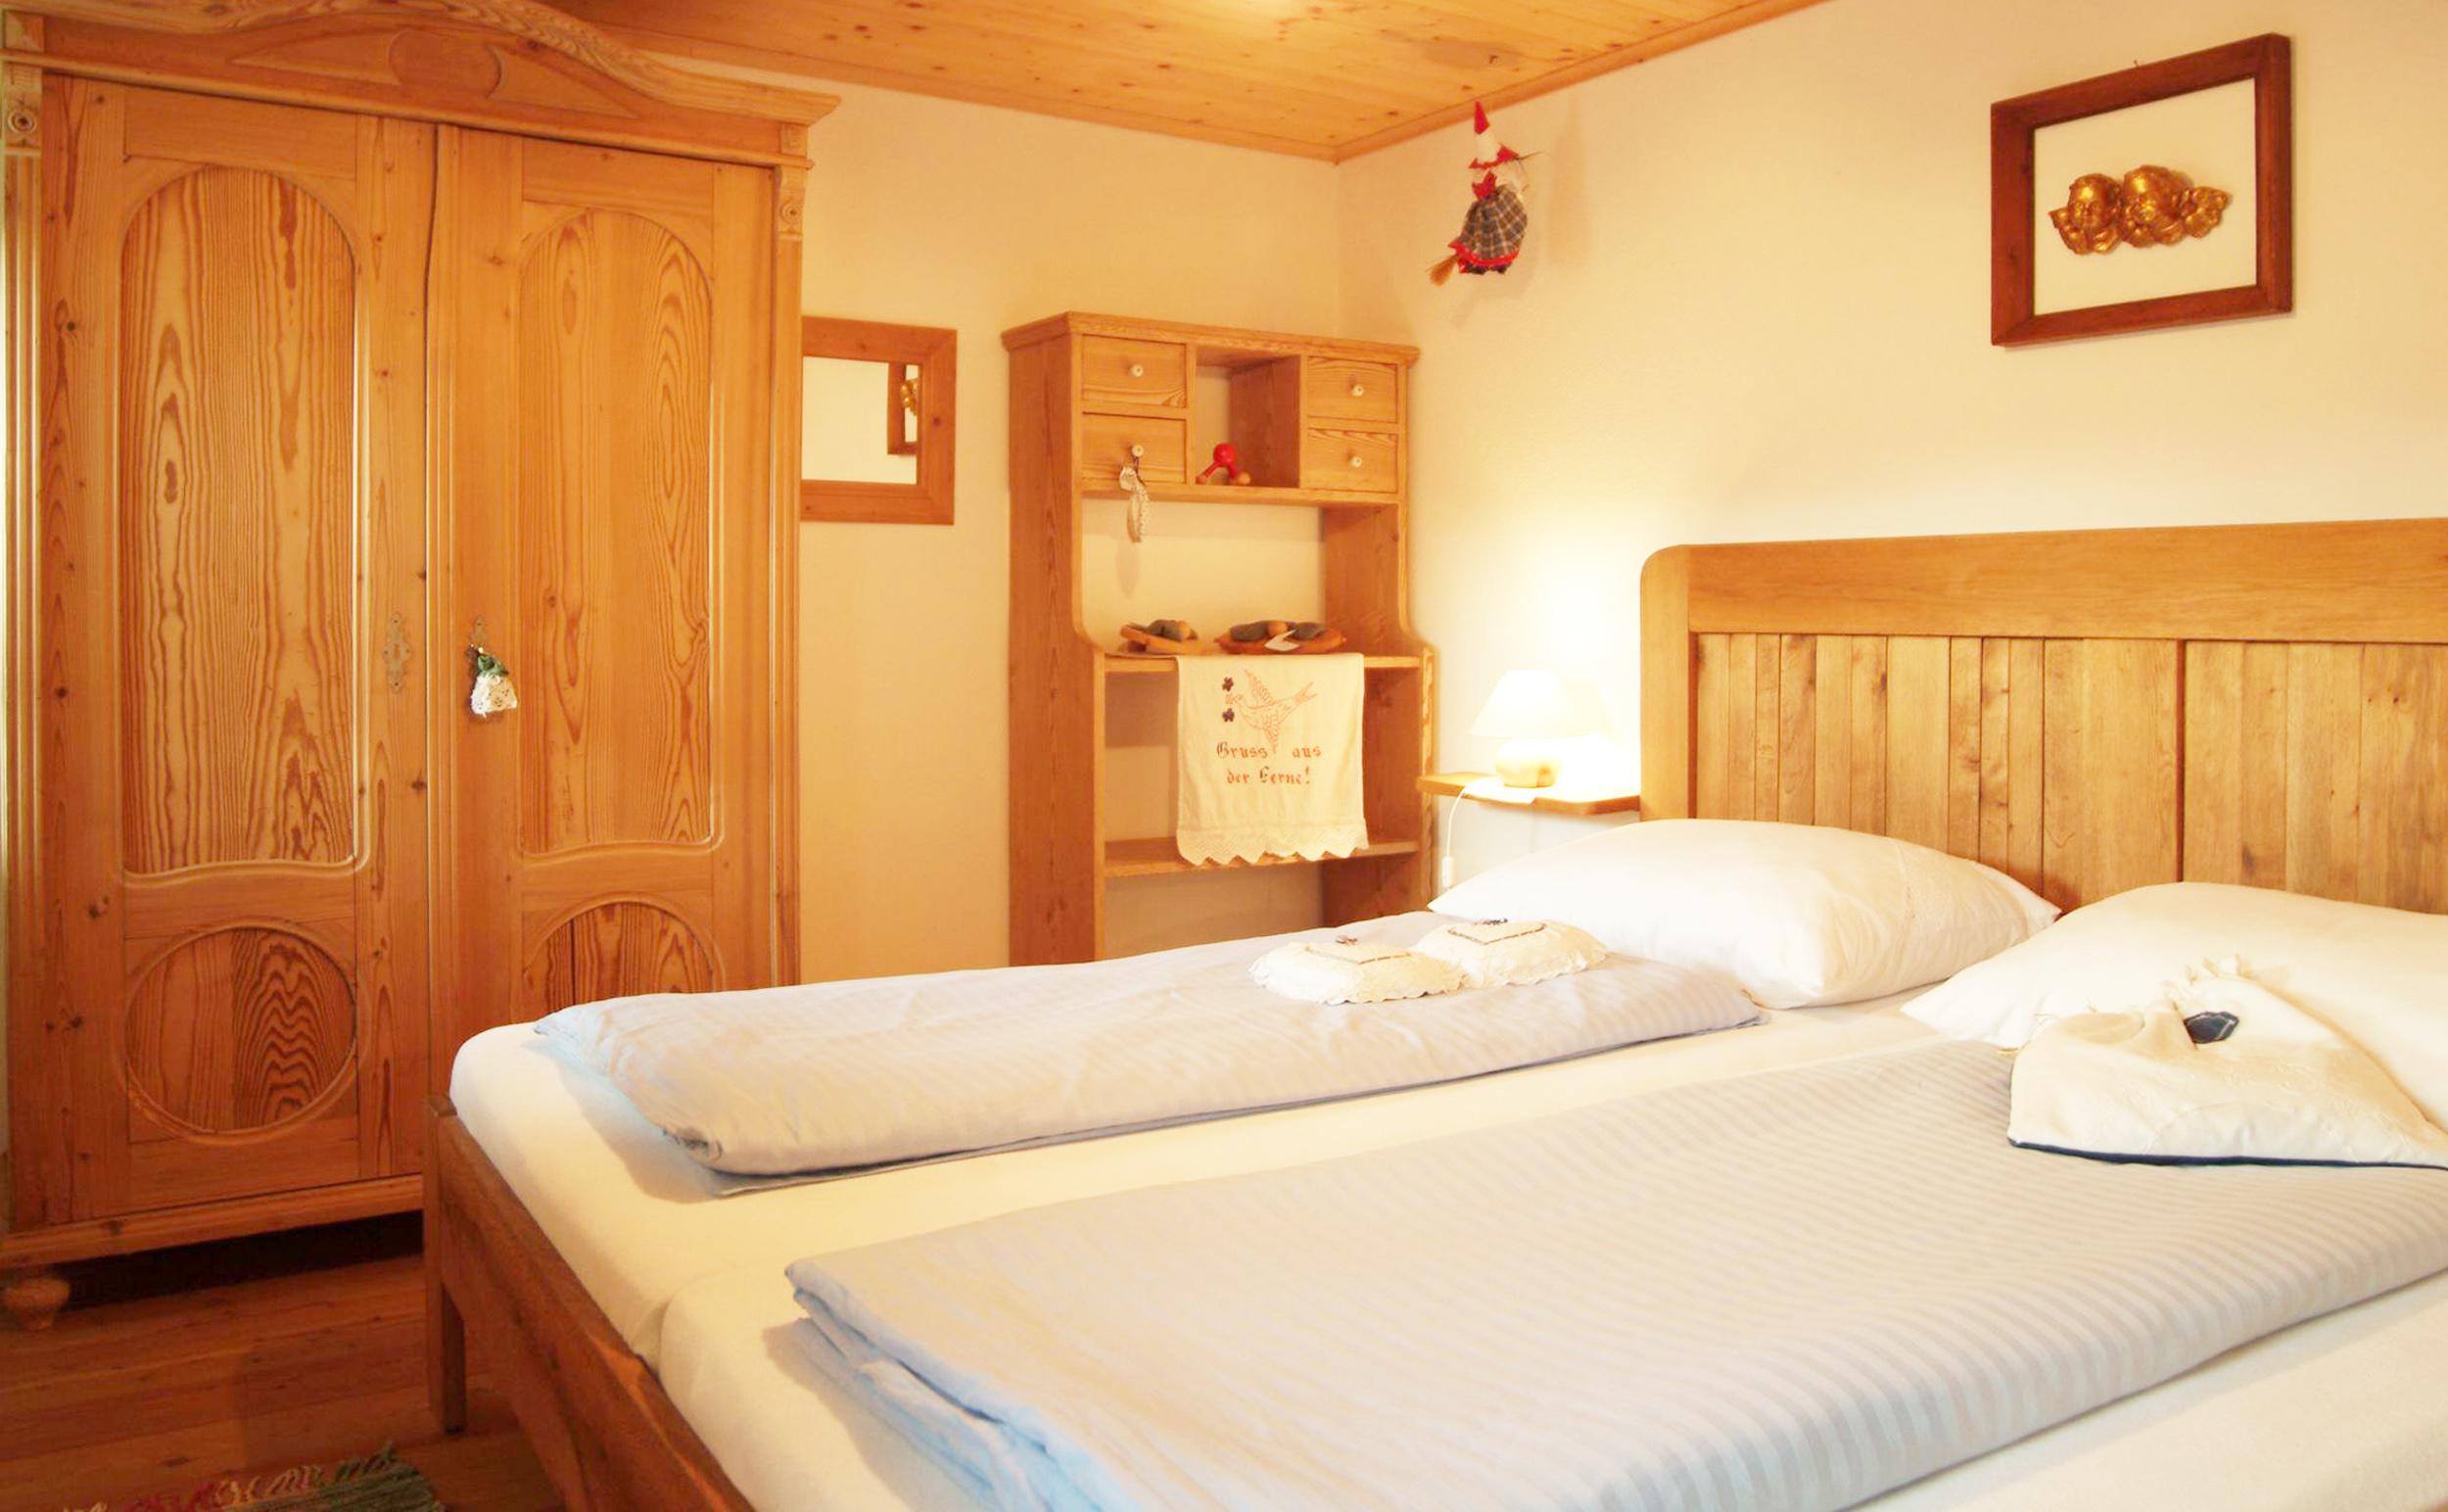 Ferienwohnung Hereinspaziert im Sonnenhaus in der Steiermark